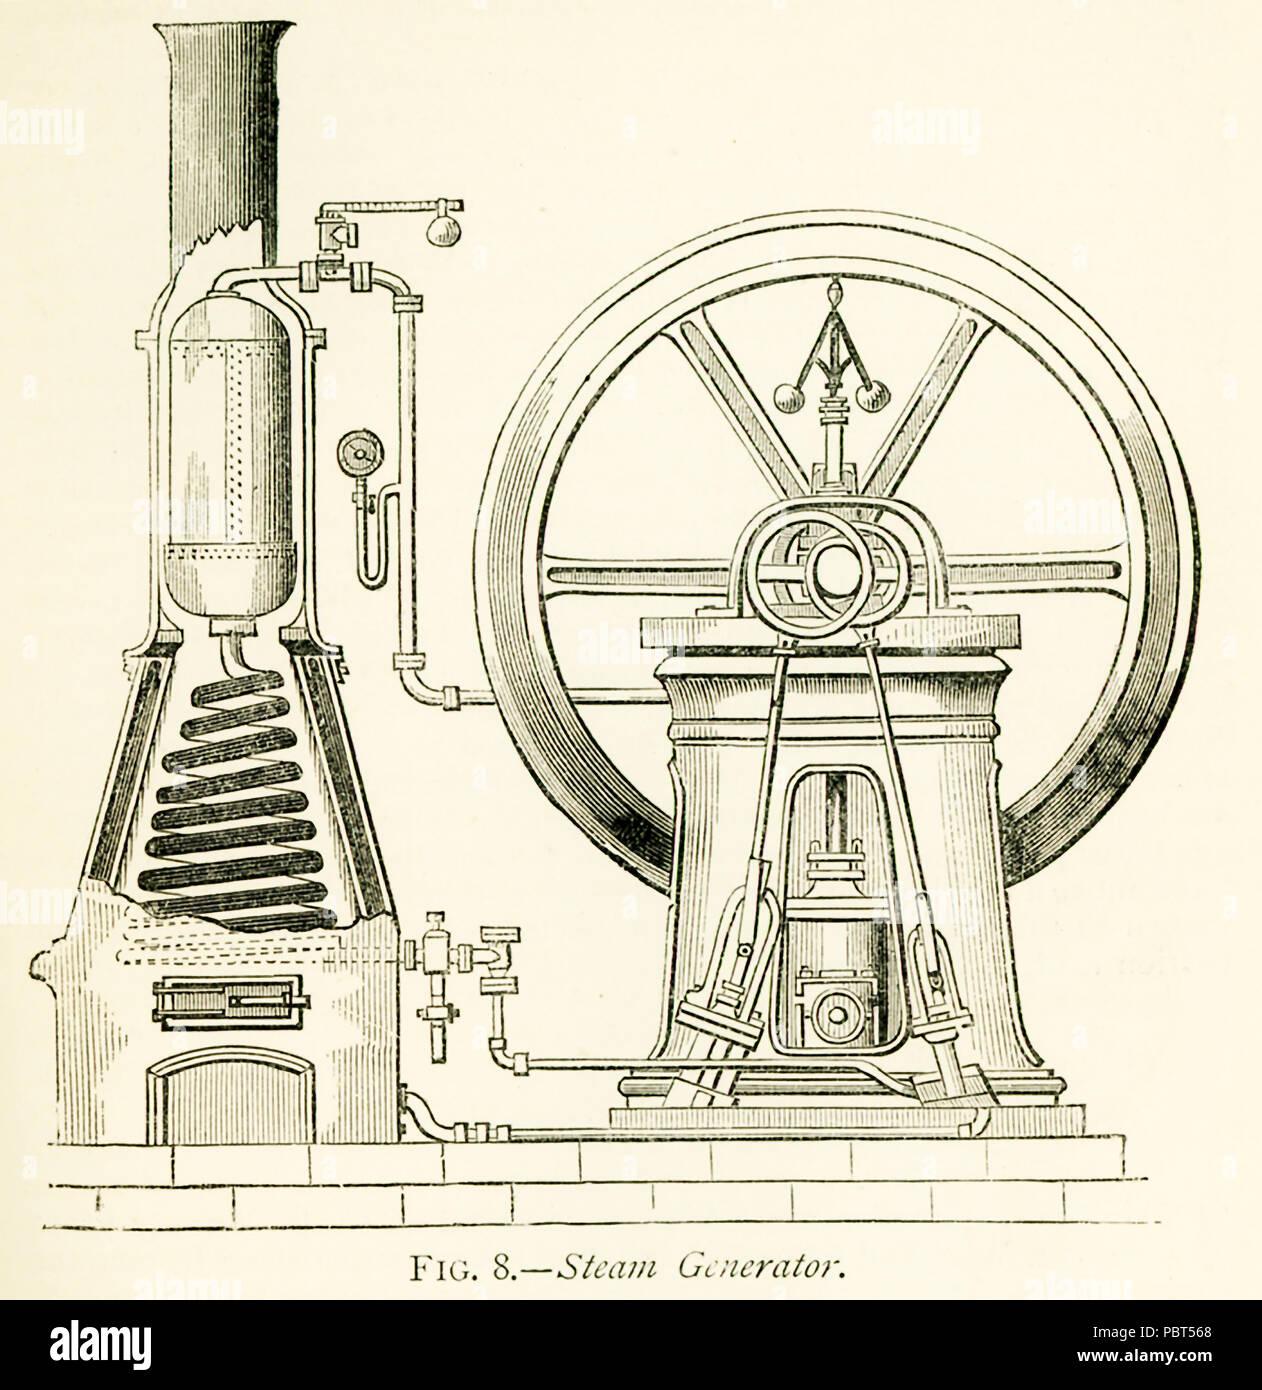 Diese Abbildung stammt aus dem Jahr 1870 und zeigt einen Dampfgenerator - hier ein Arrangement für schnell und generationg superheating Dampf, in Verbindung mit einem Hochdruck- Motor. Stockbild